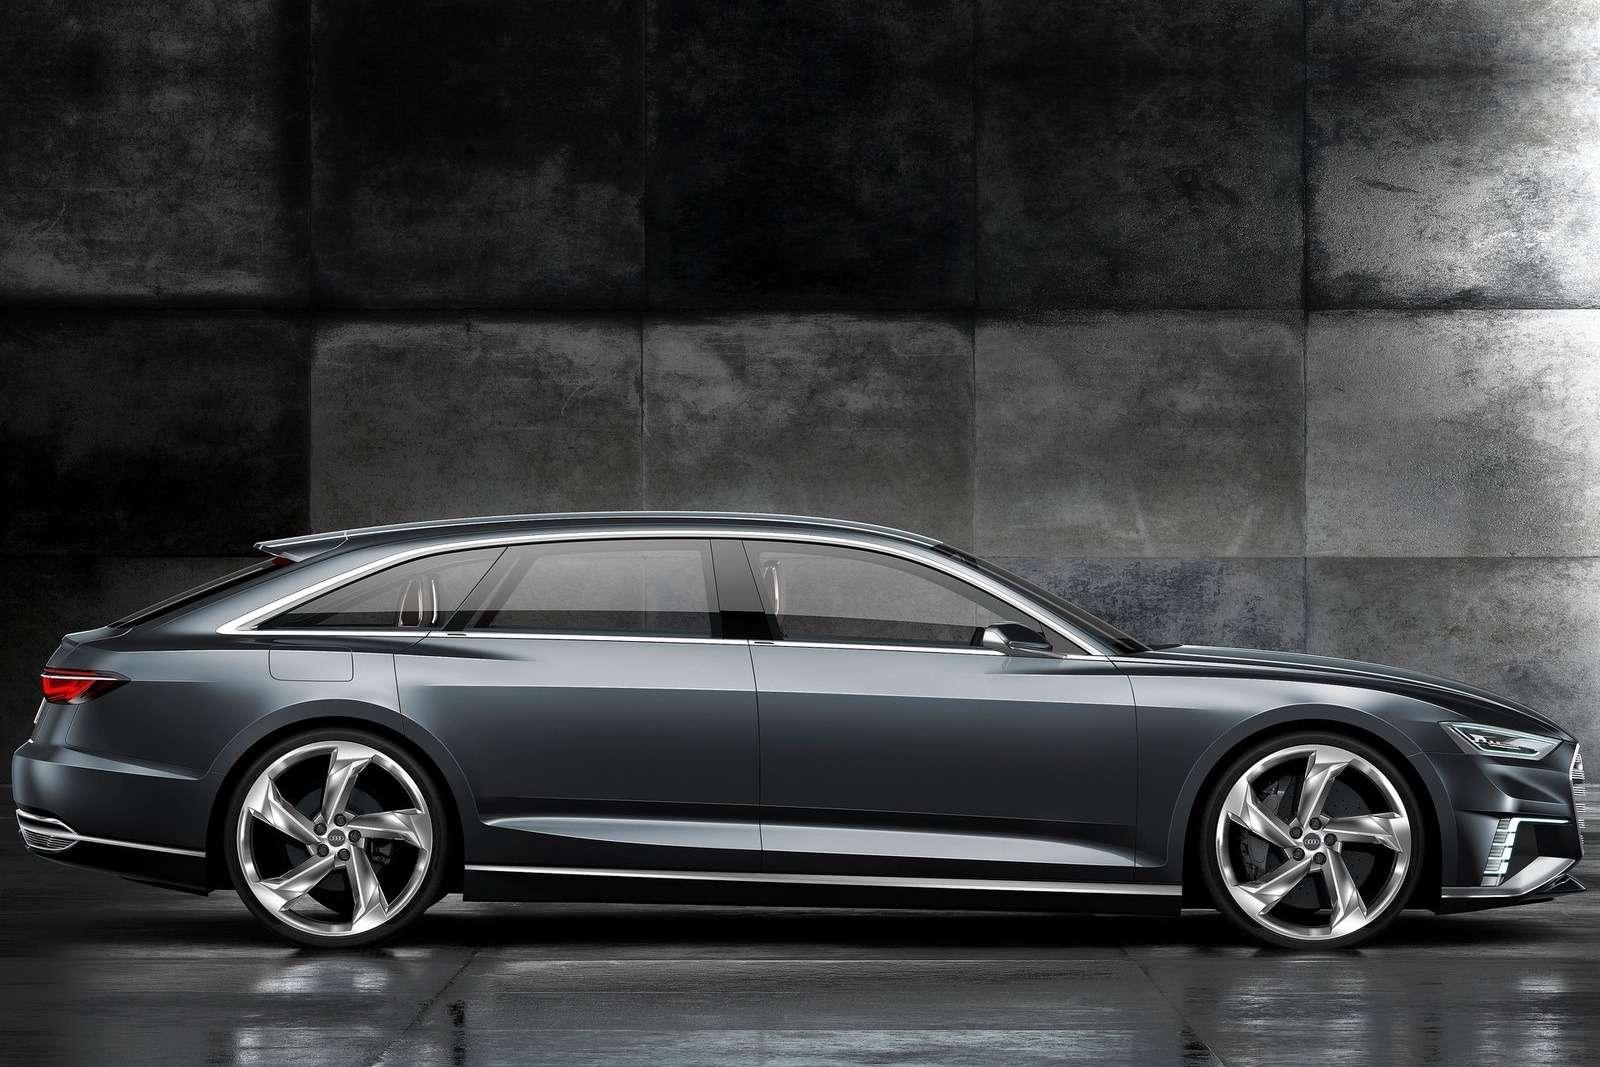 Audi-Prologue_Avant_Concept_2015_1600x1200_wallpaper_05